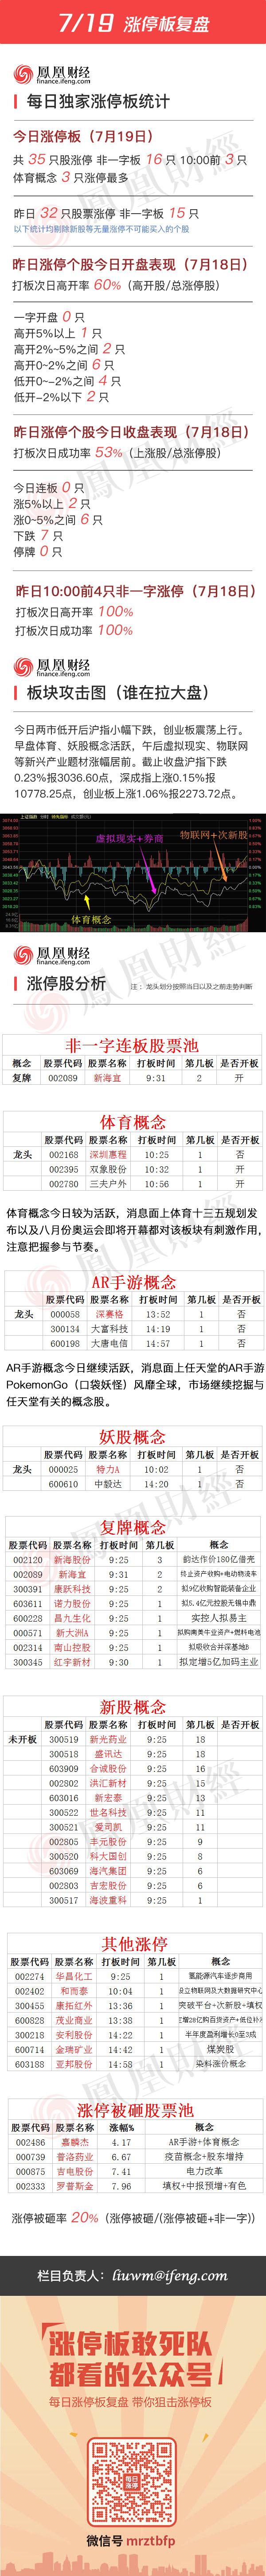 2016年7月19日涨停板复盘 - 小美 - xing1969wuw的博客